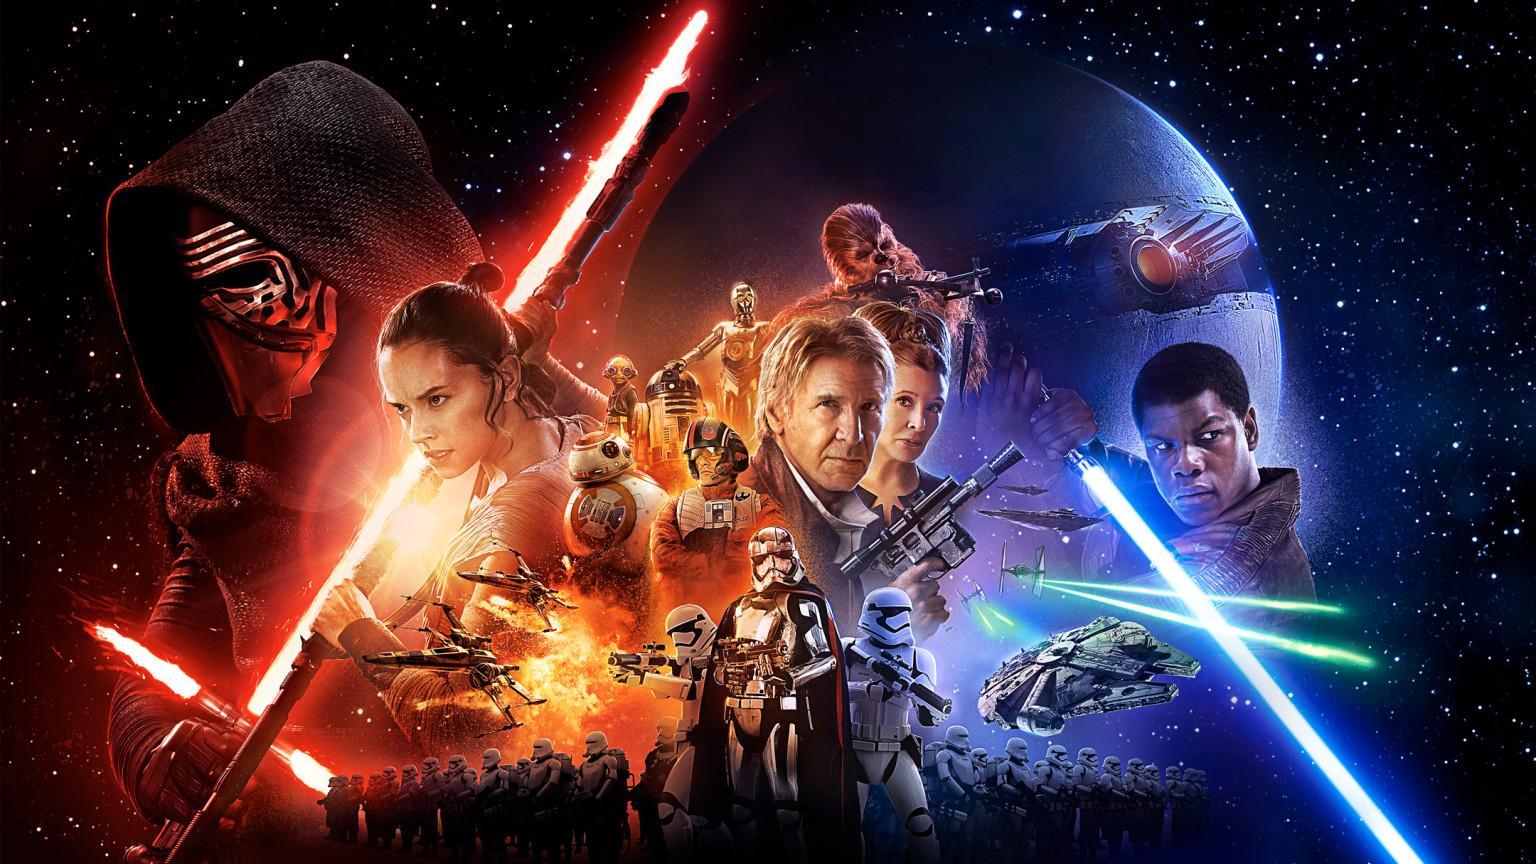 Star Wars Reviews